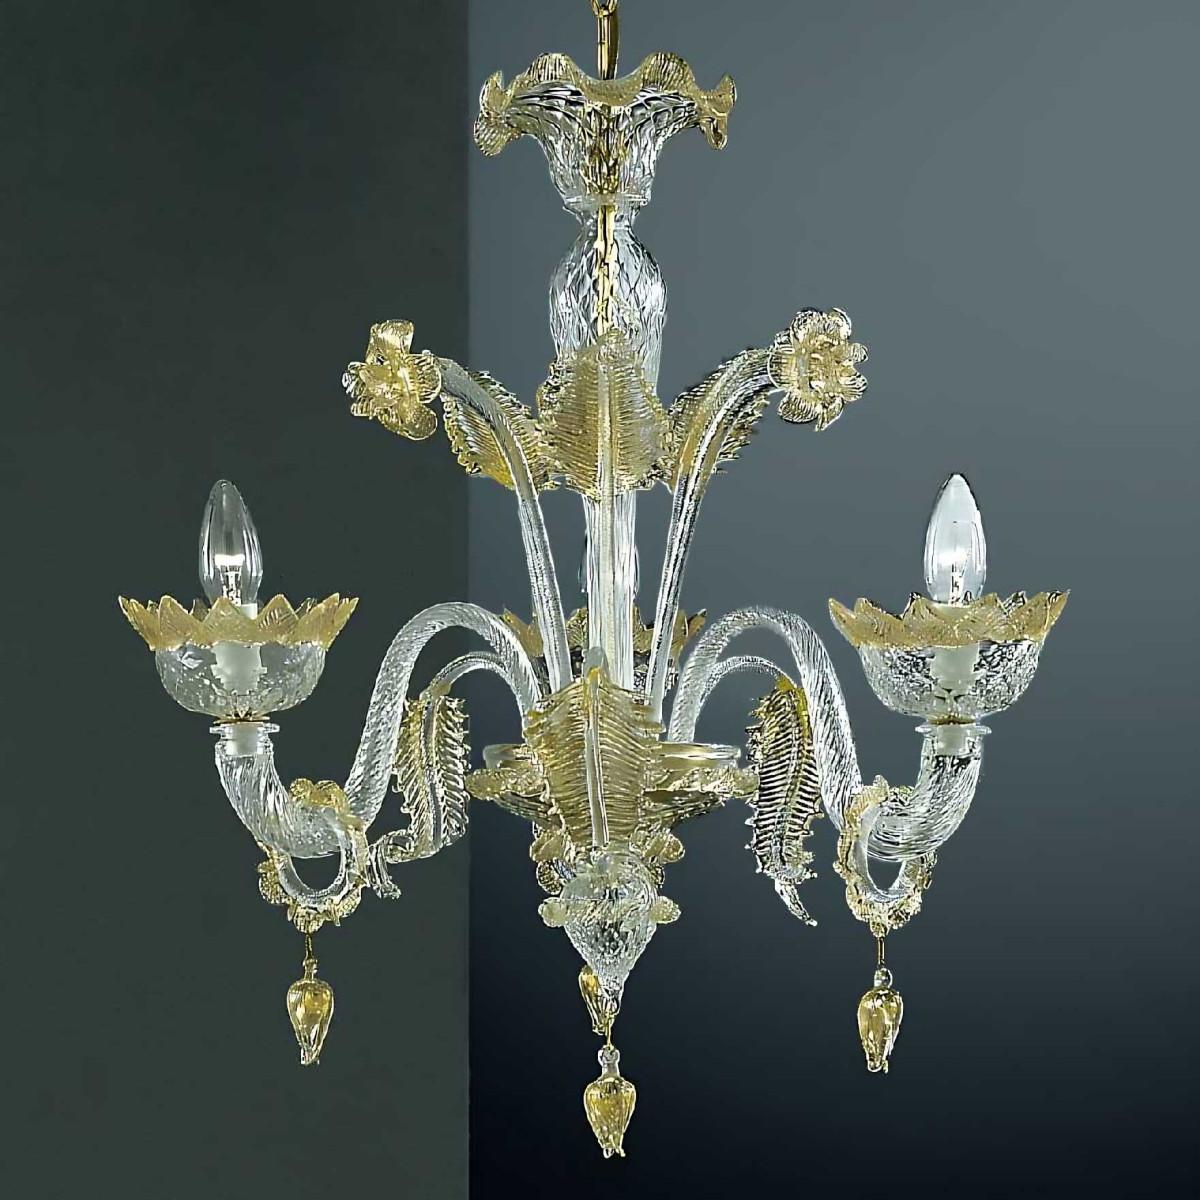 Casanova 3 lumieres Murano chandelier avec des anneaux - couleur or transparent